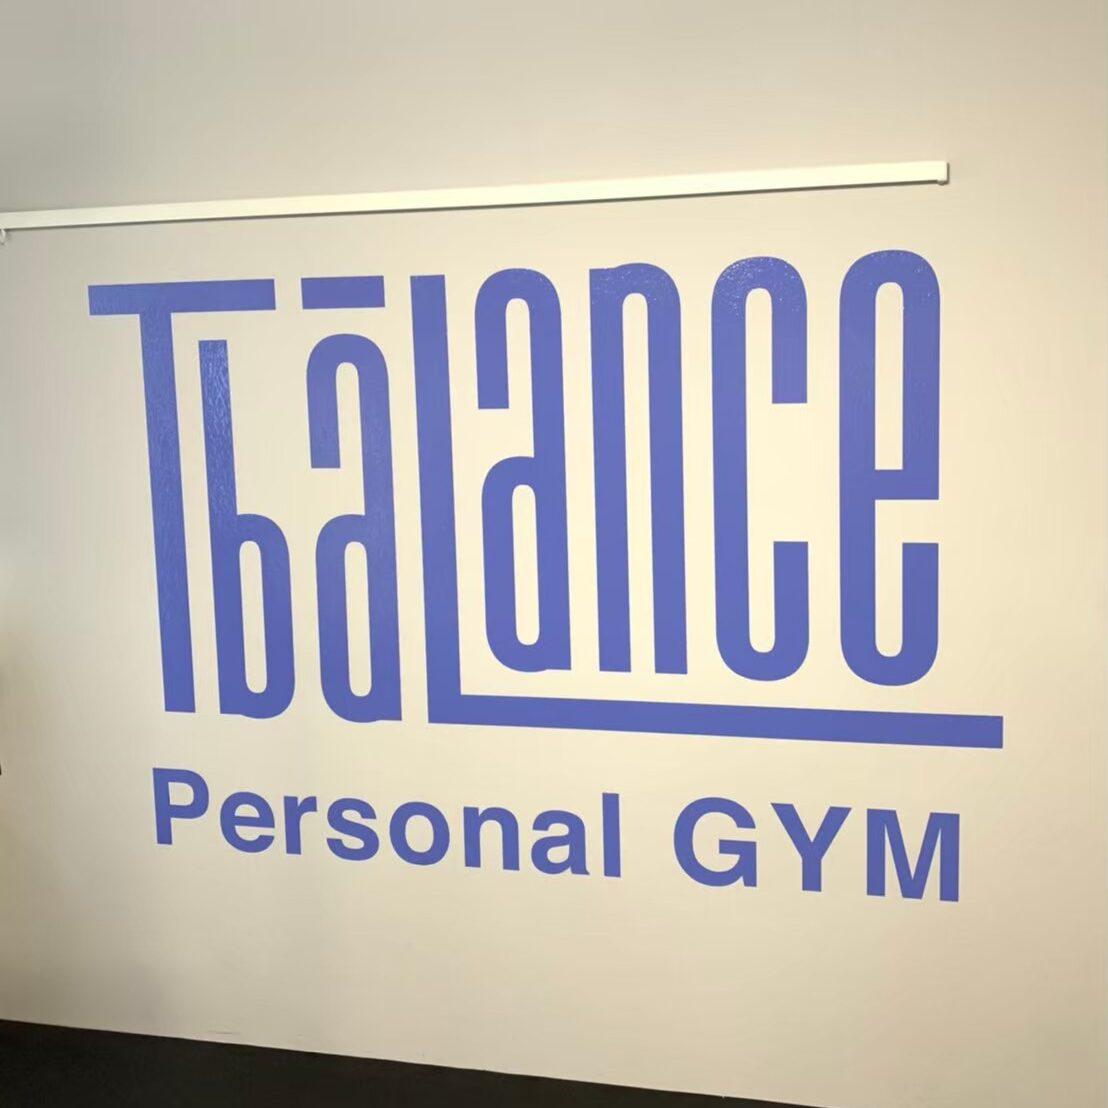 パーソナルトレーニングジムT-BALANCE錦糸町店ロゴ